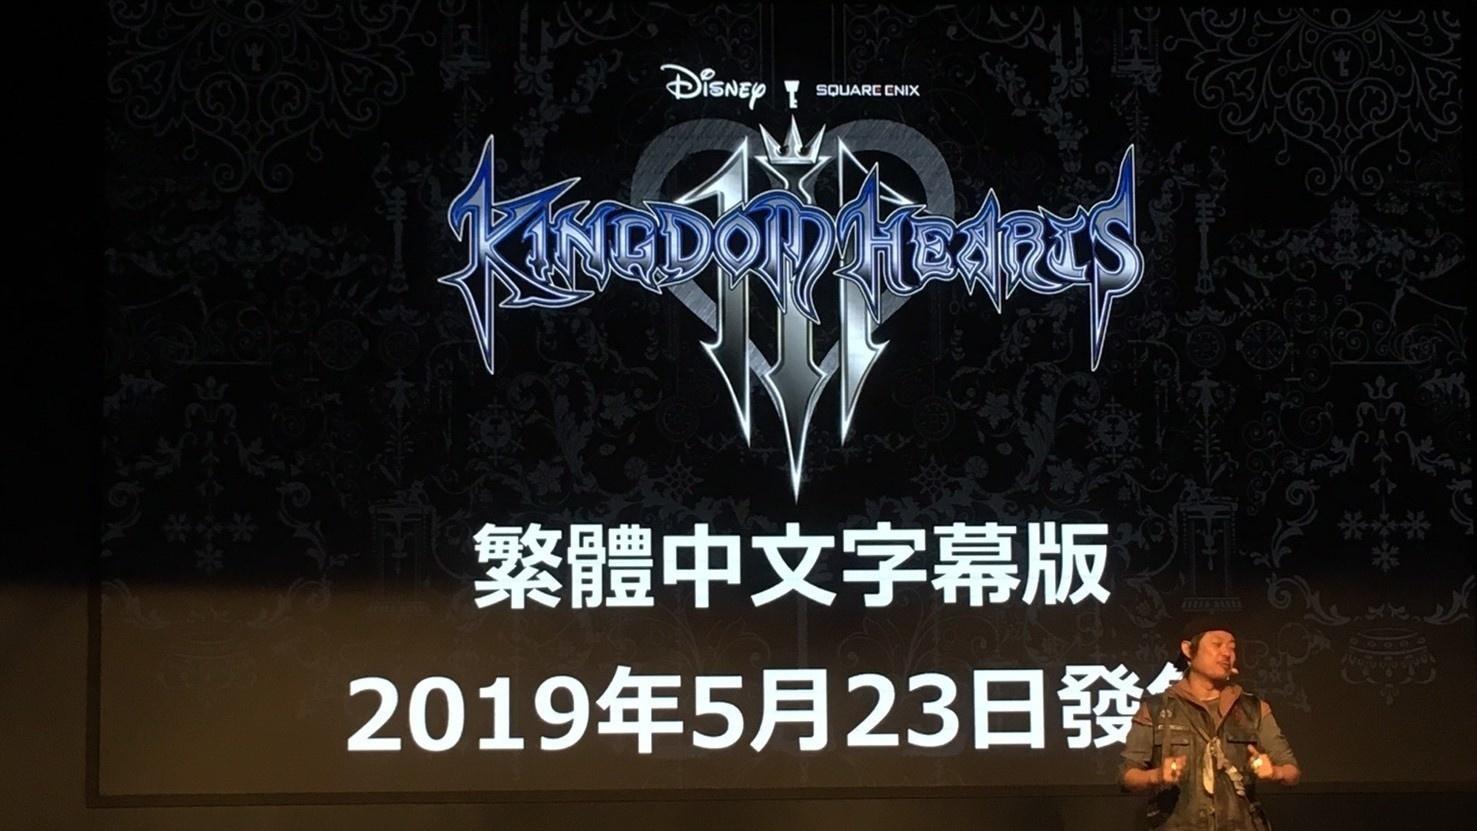 《王國之心3》繁體中文版5月23日發售,中文預告同時放出